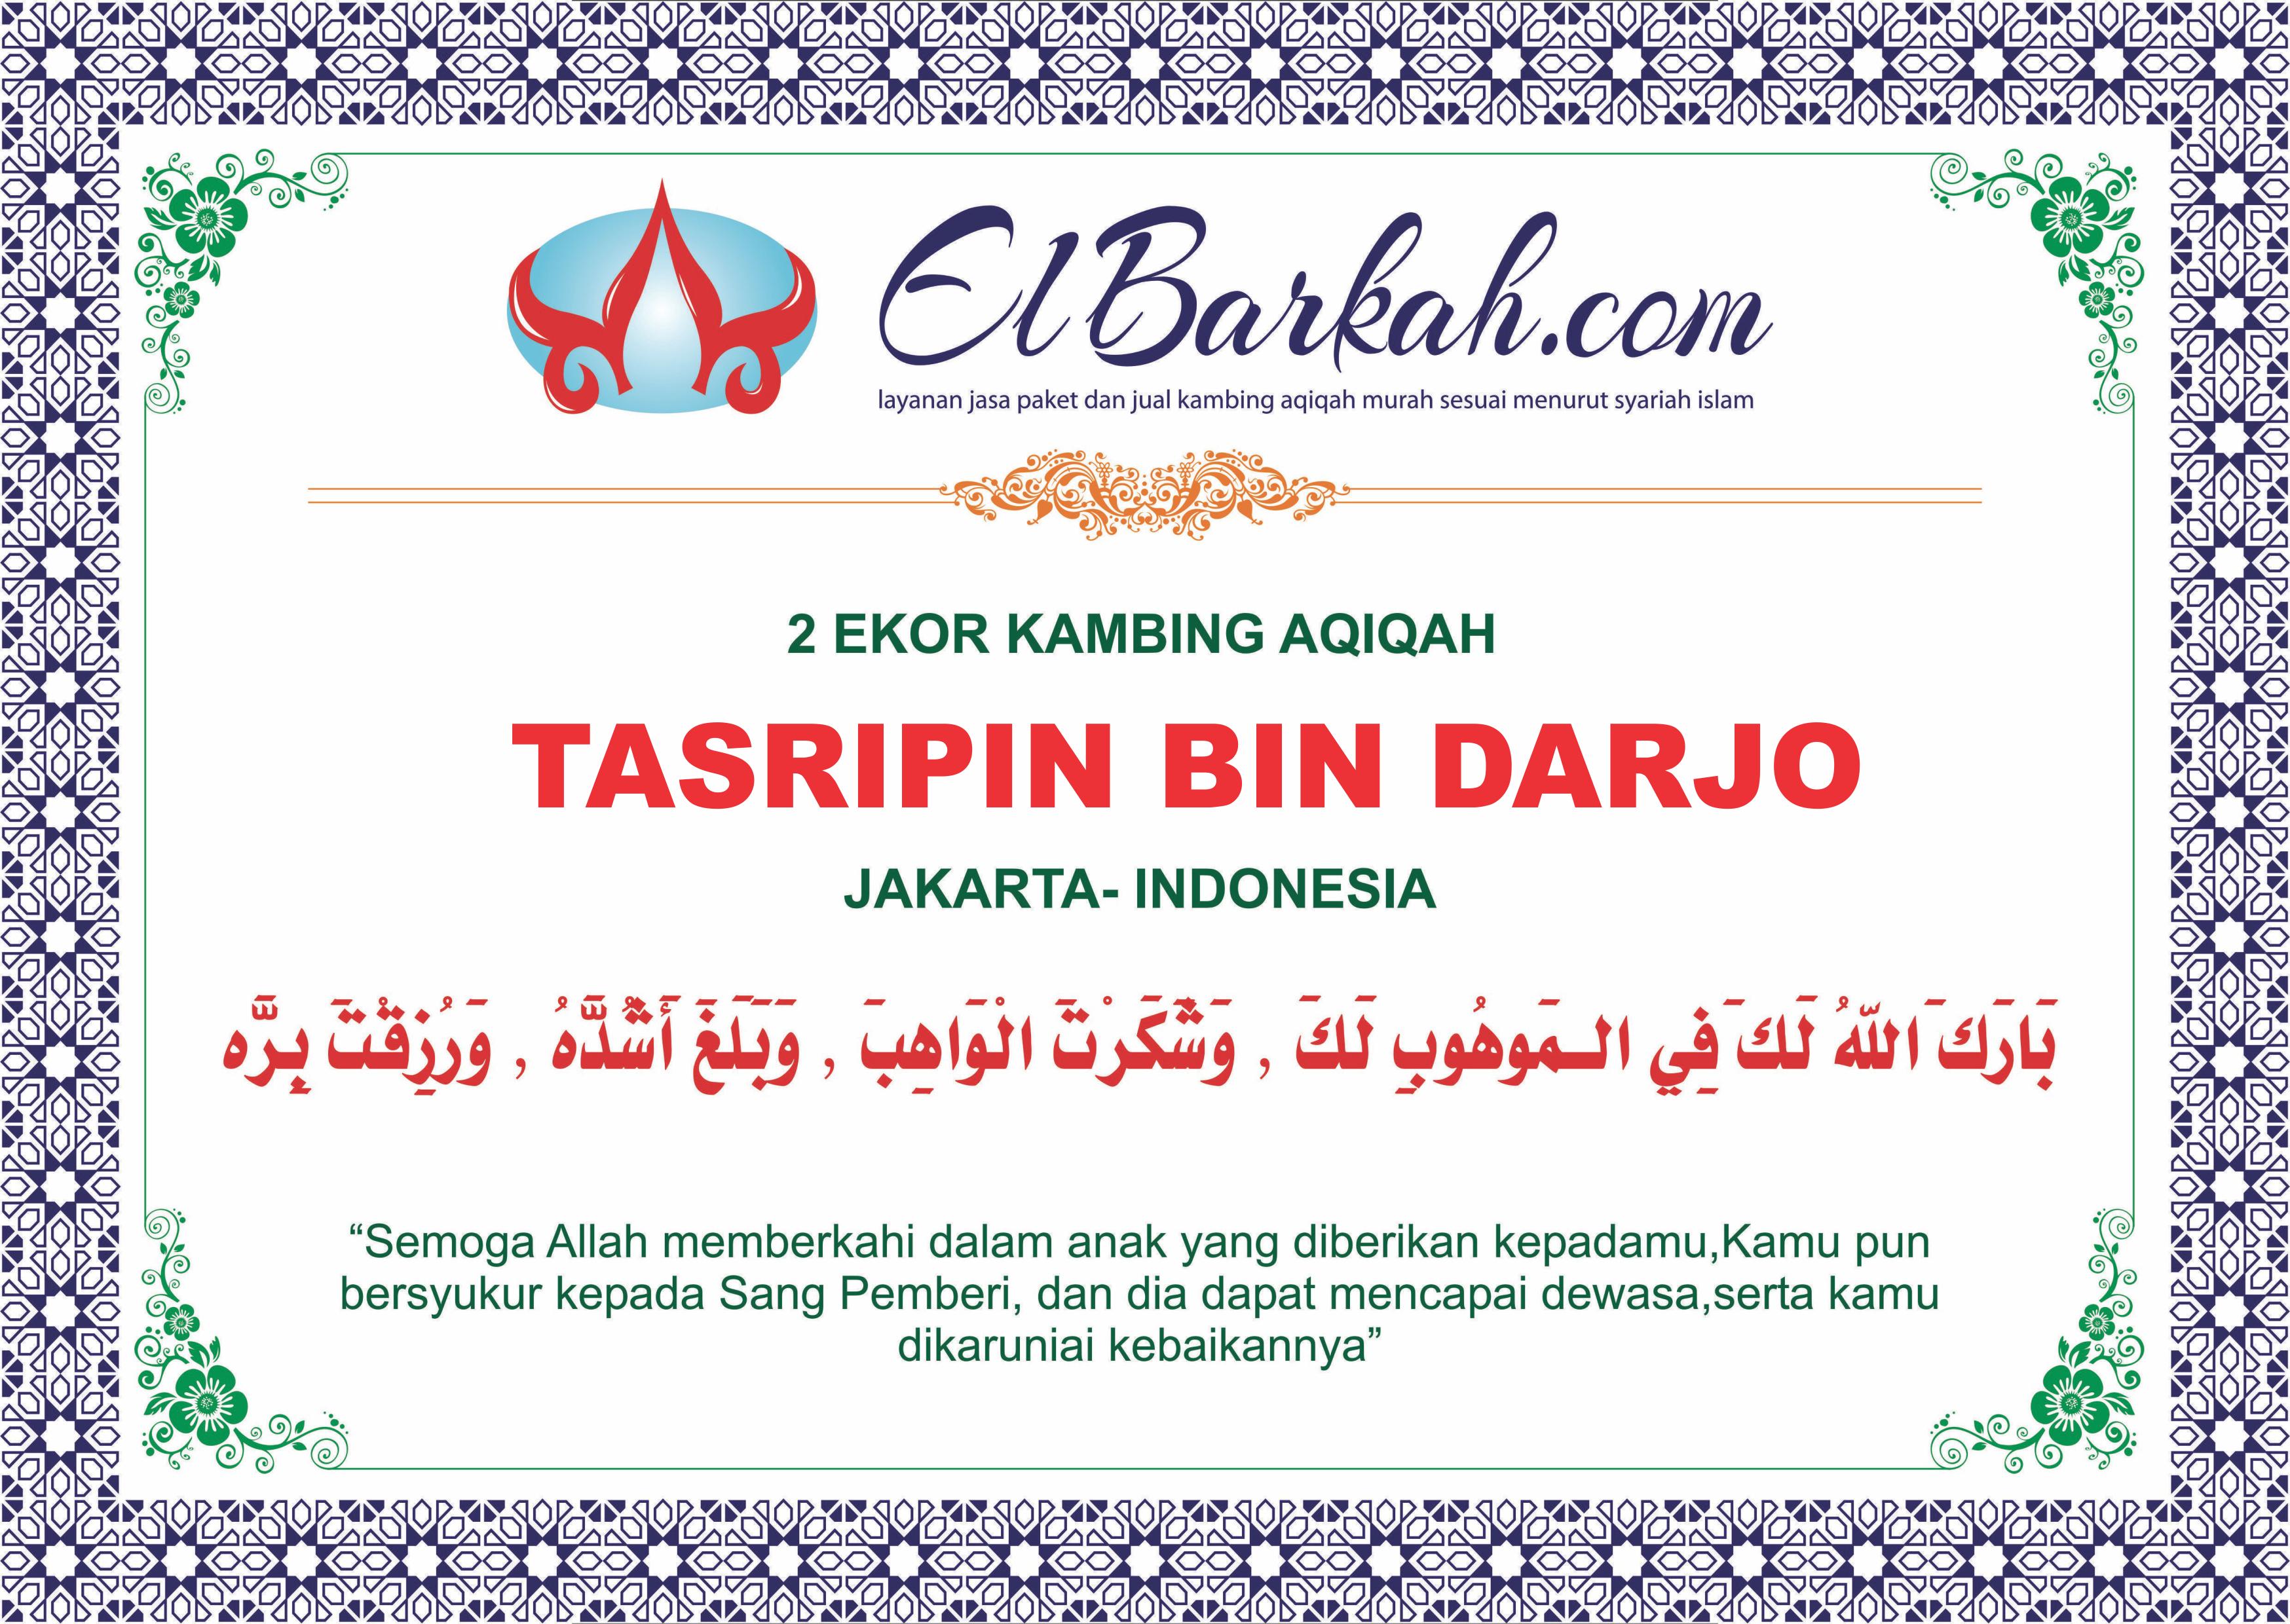 Doa Aqiqah Untuk Tasripin Bin Darjo Melalui Jasa Aqiqah Elbarkah Di Jakarta Utara Jakarta Pixel Doa